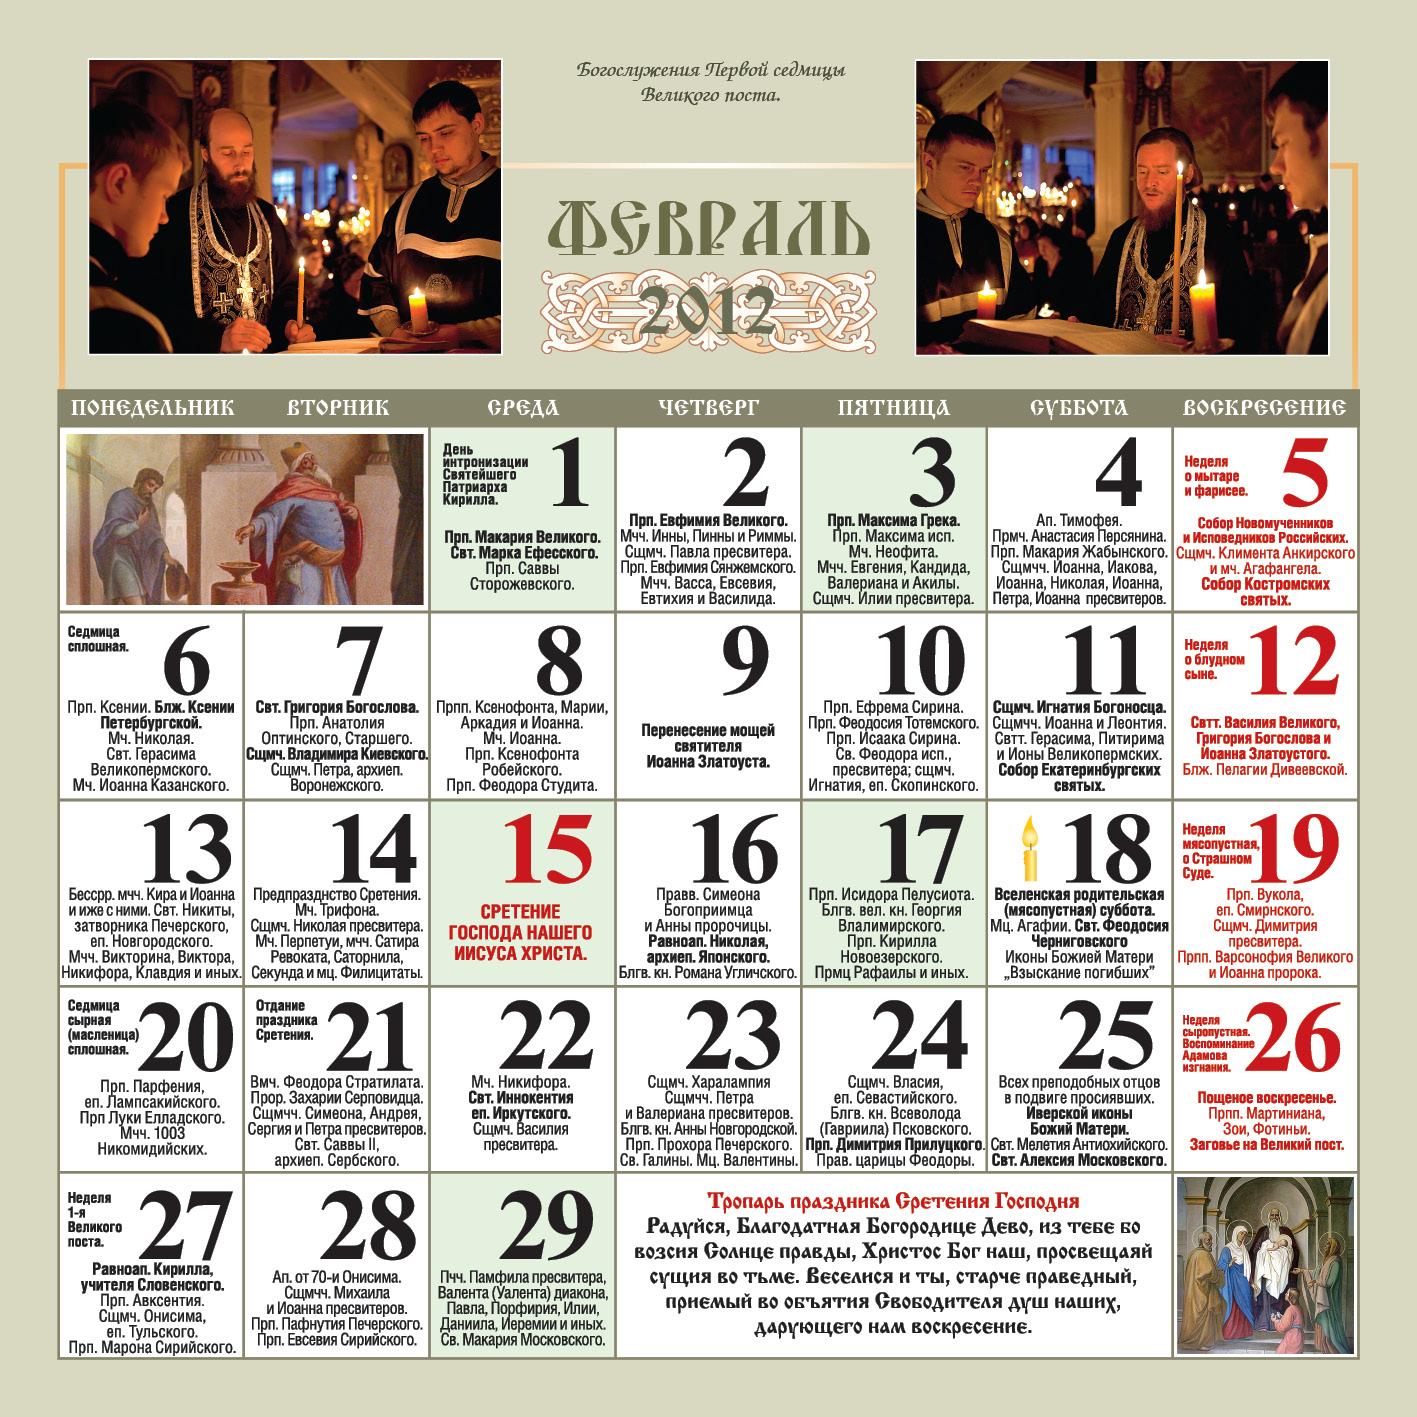 Расписание богослужений на февраль 2012 г.